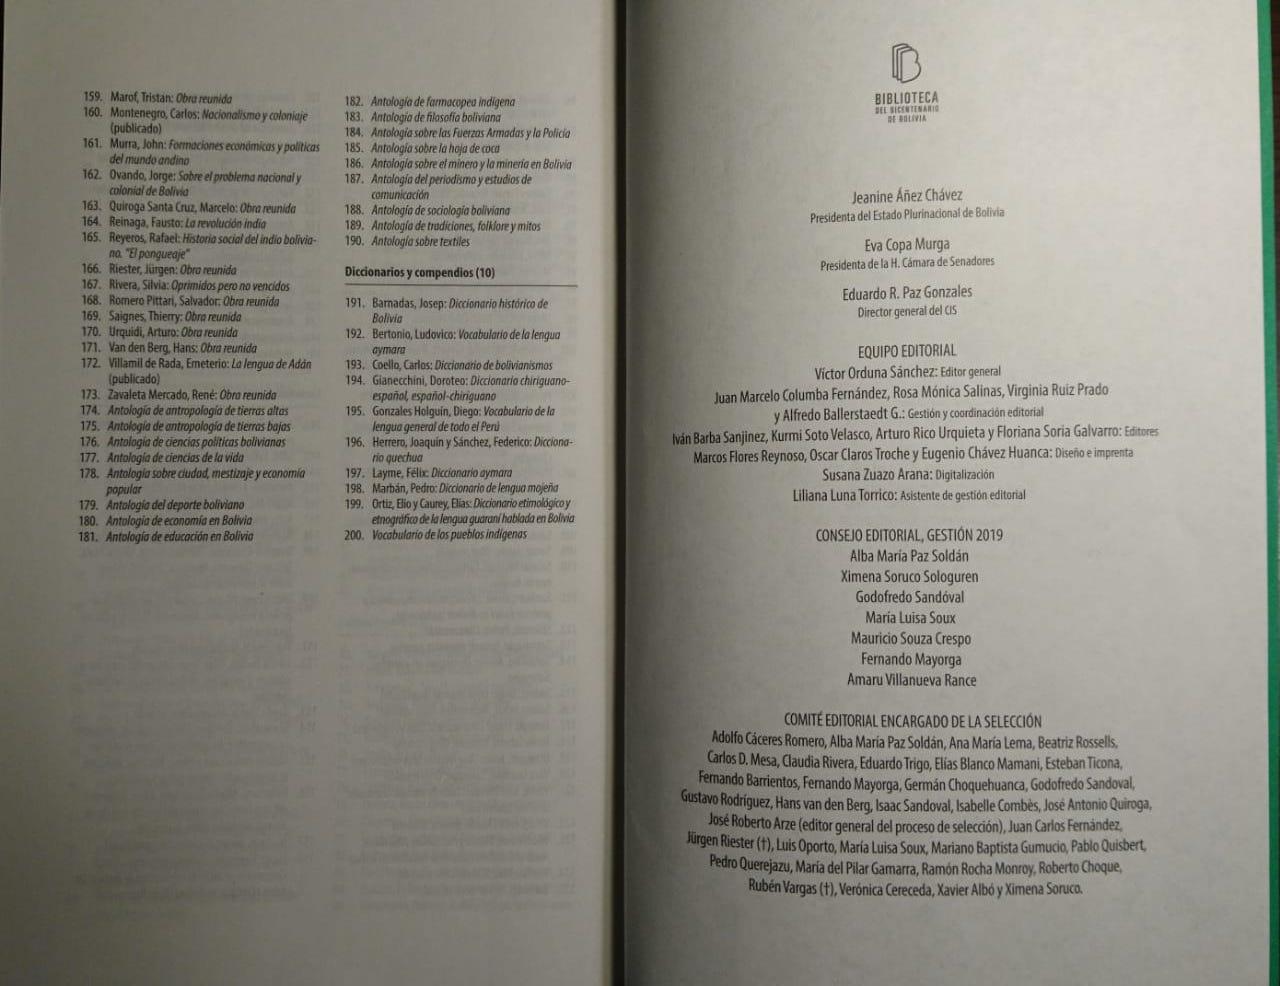 La página final de dos obras fue cortada por funcionarios del CIS / EL POTOSÍ